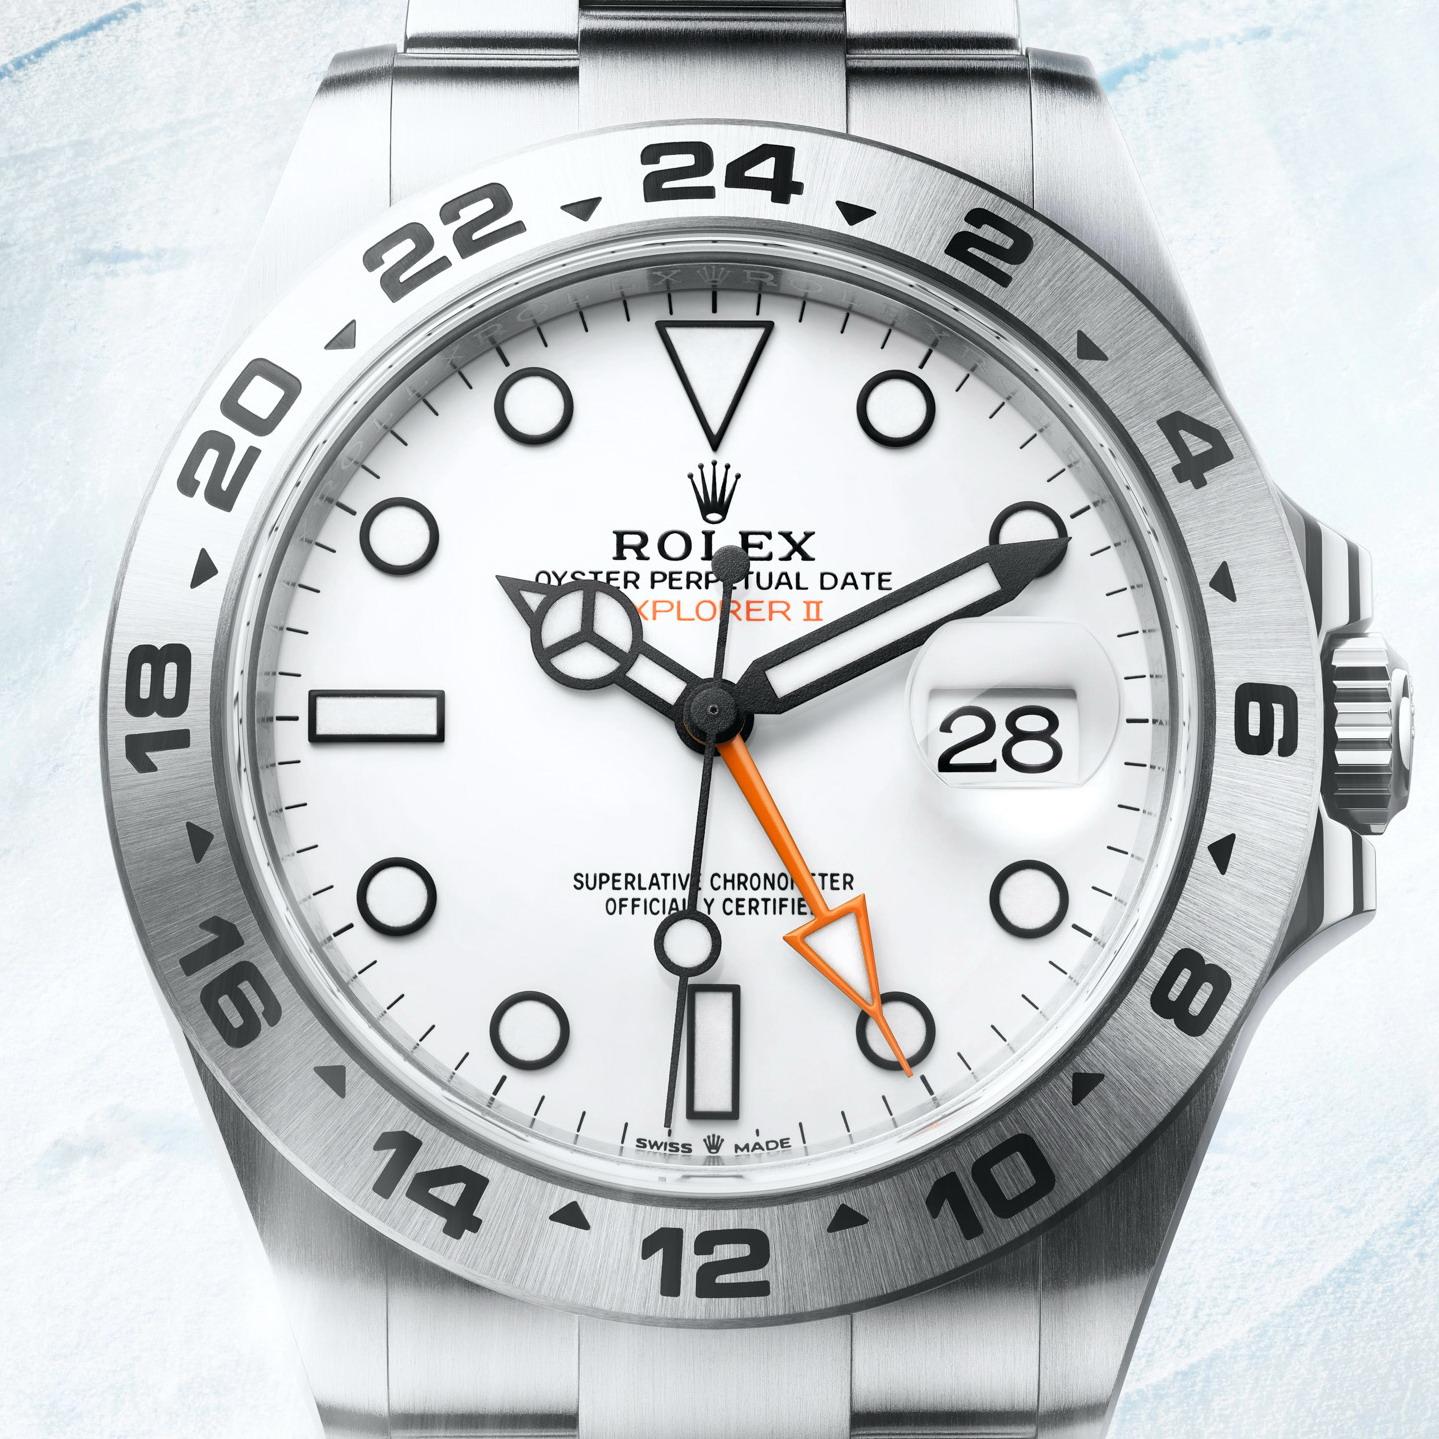 EXPLORER 2 Bianco lucido 42mm nuovo movimento 226570